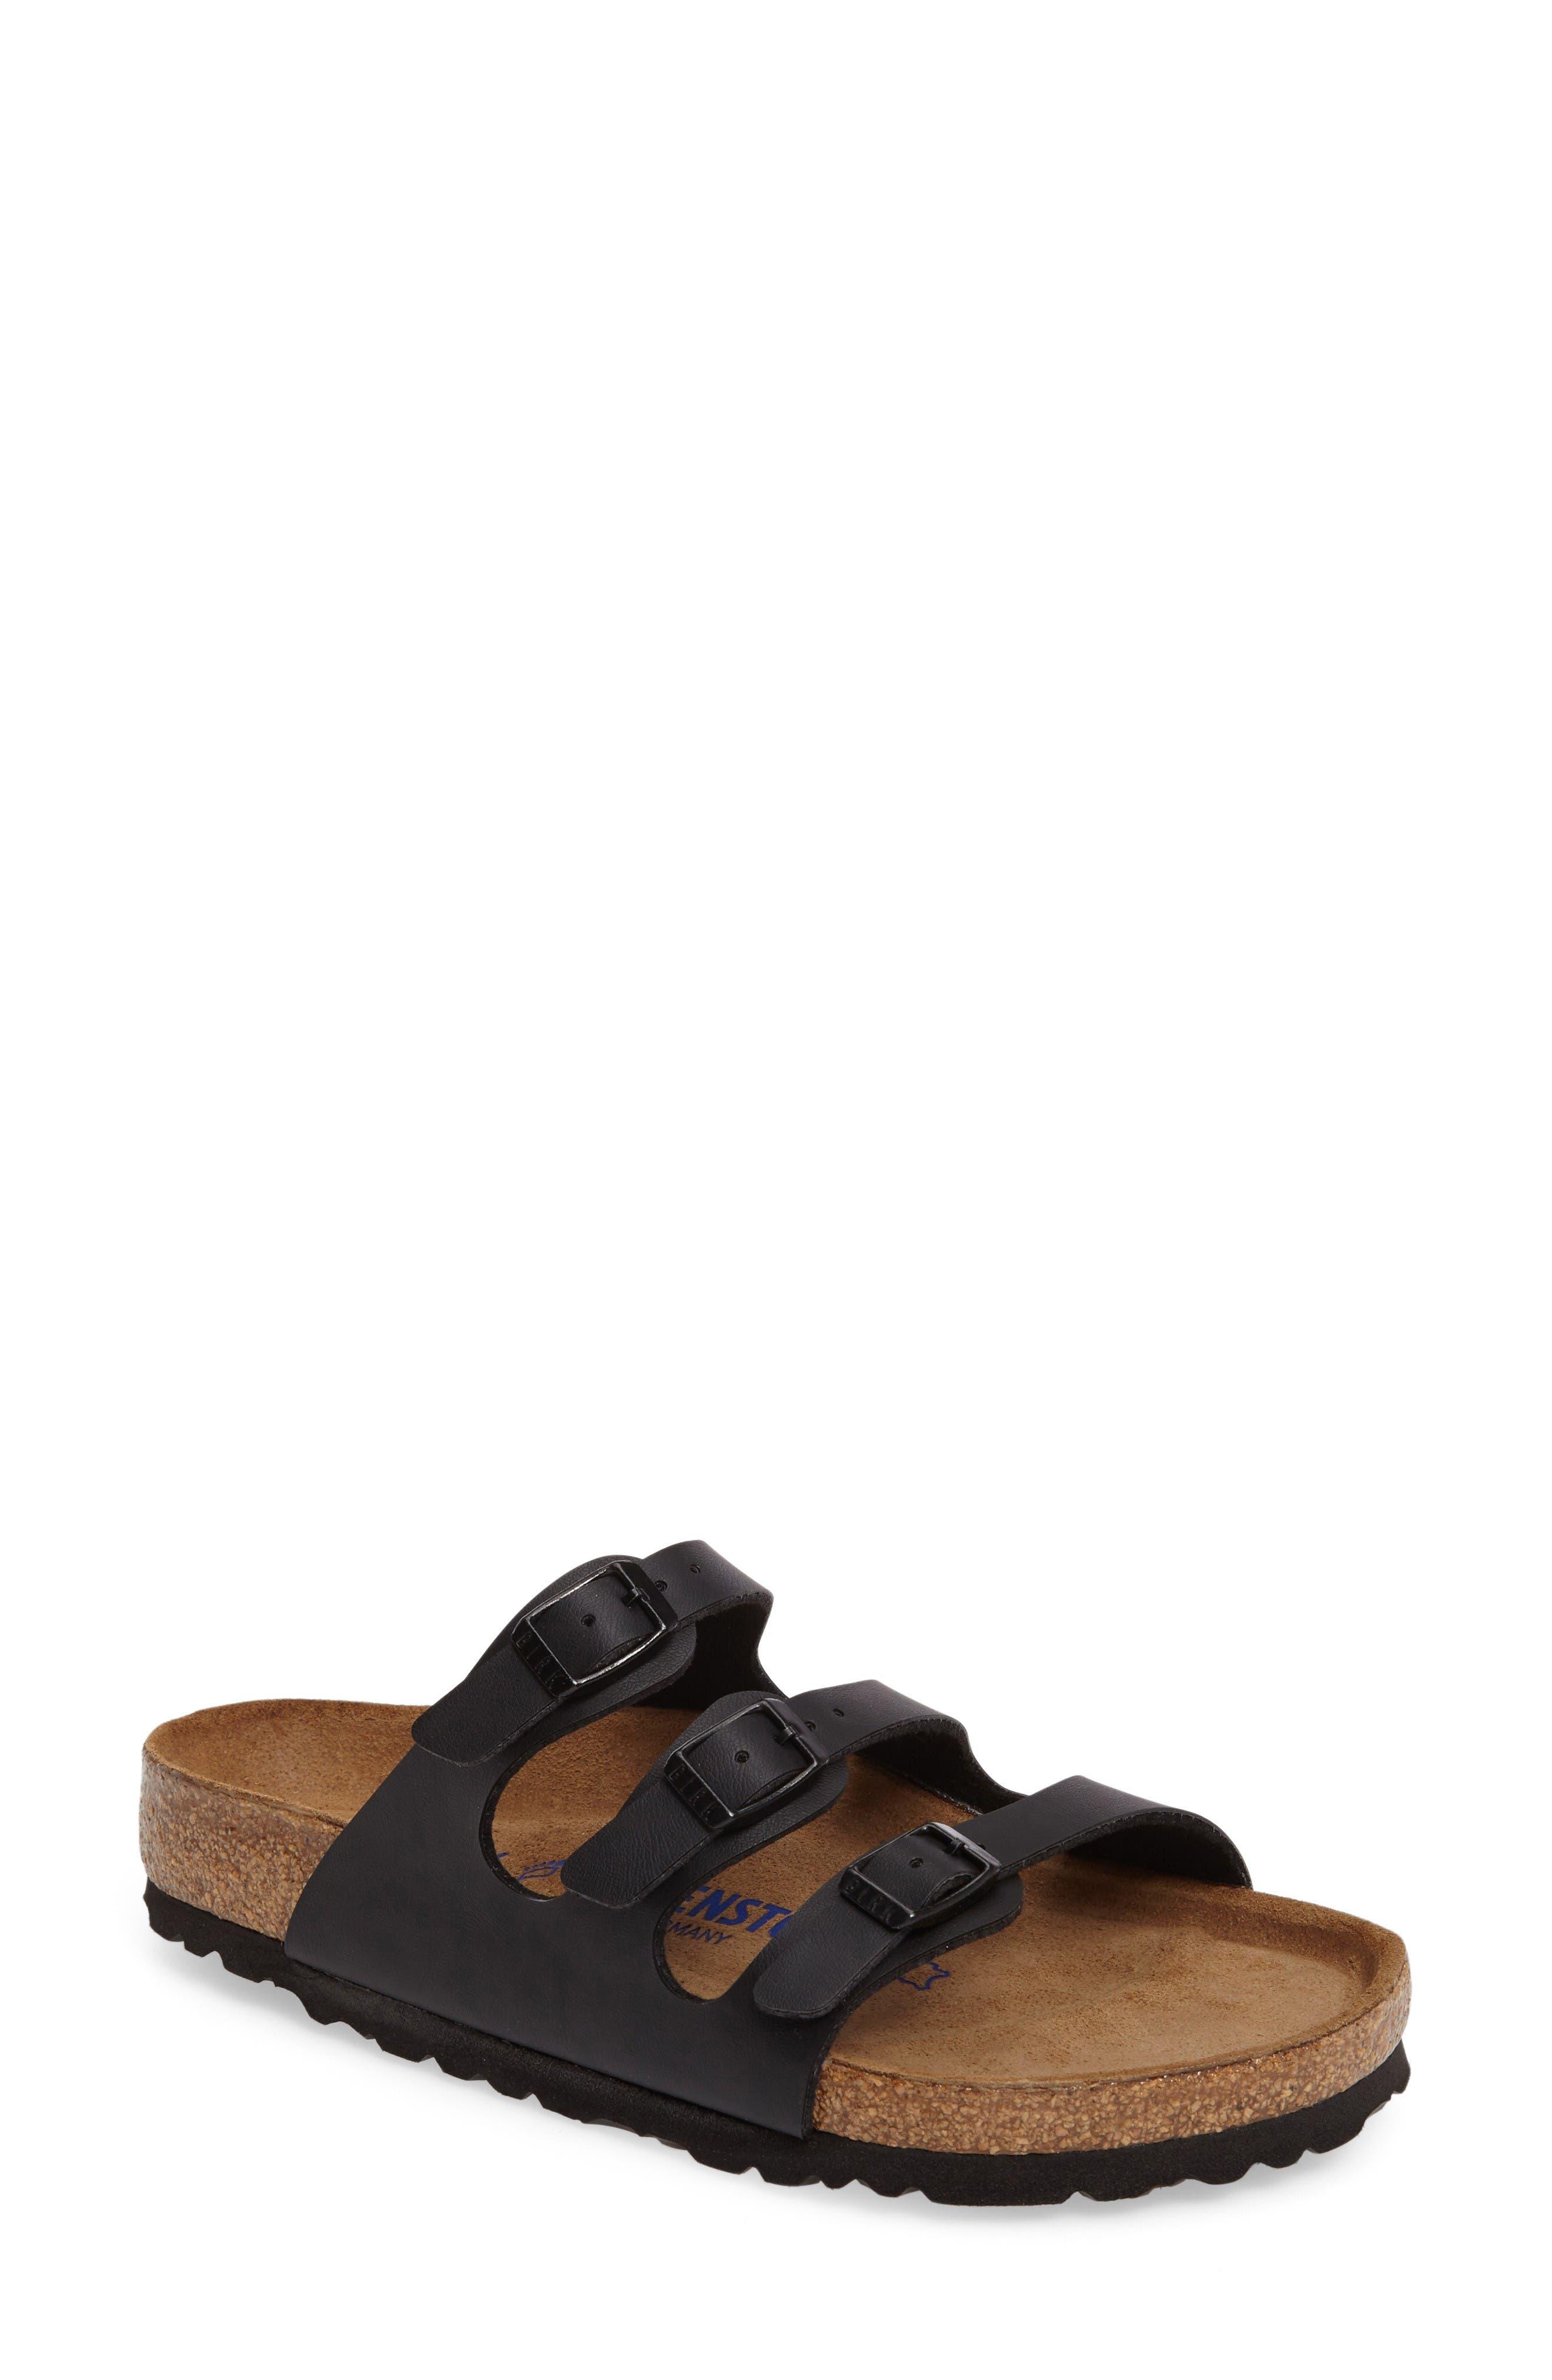 Main Image - Birkenstock Florida Soft Footbed Slide Sandal (Women)